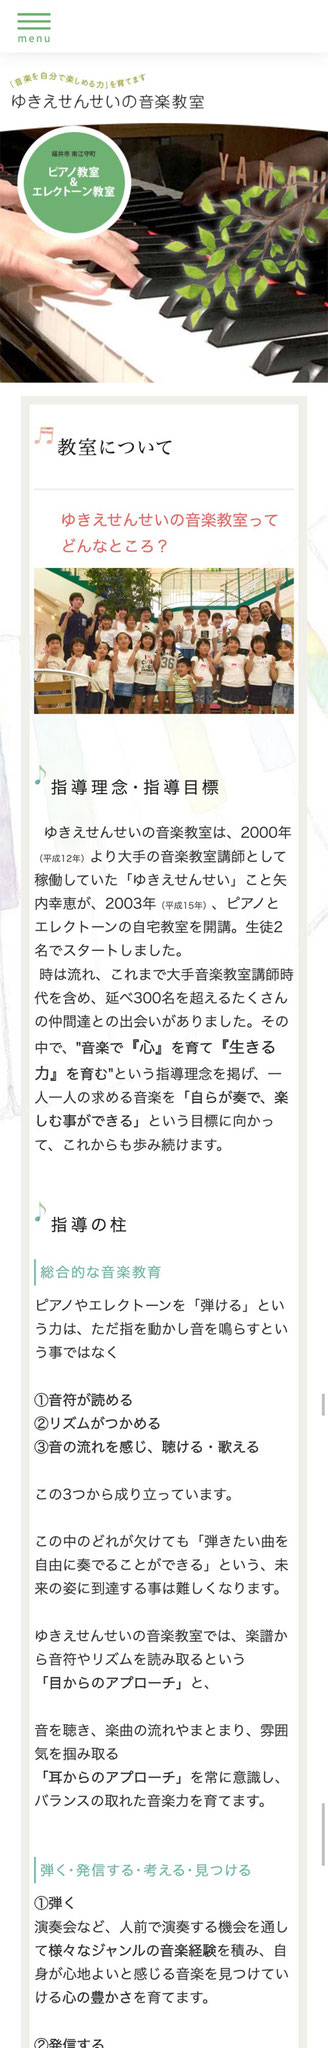 サブページのモバイル表示1